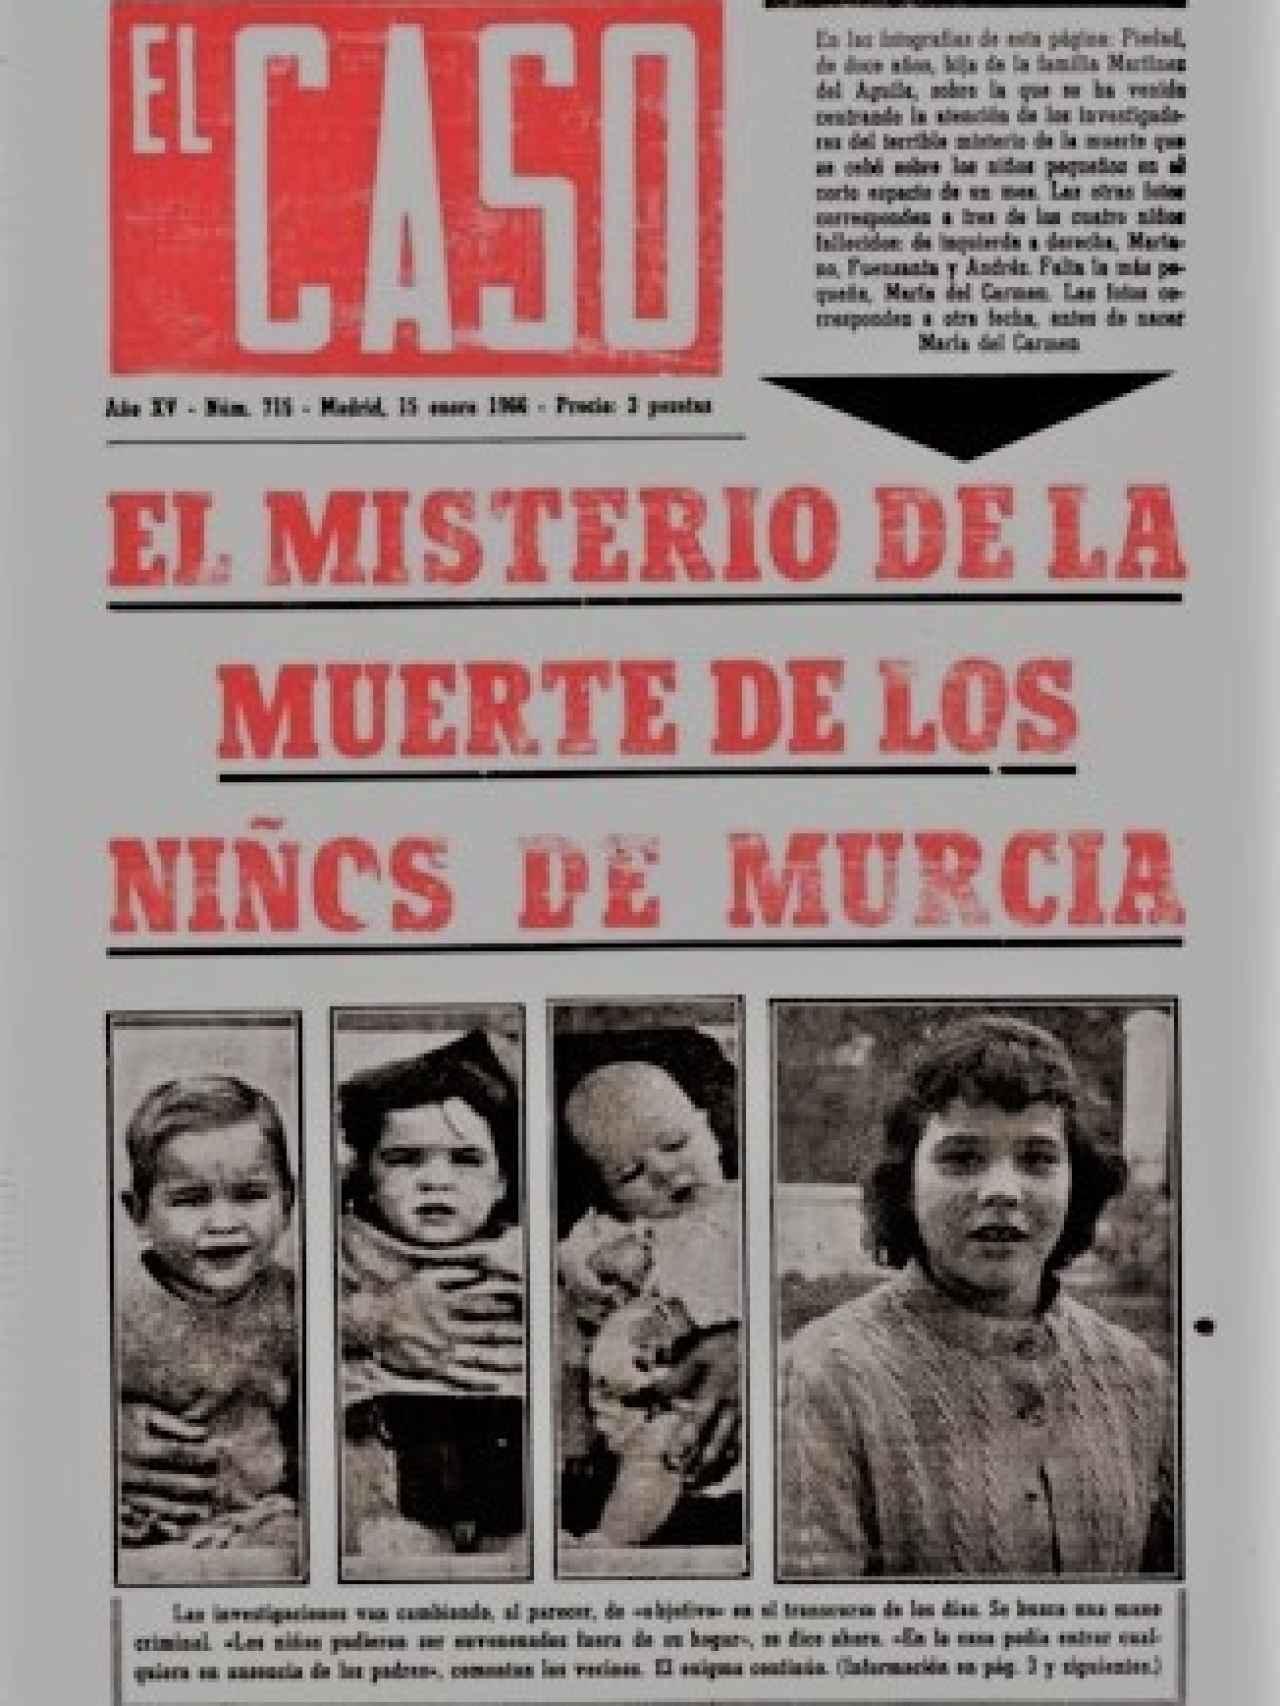 El semanario El Caso vio un buen filón con esta historia de muerte en familia.